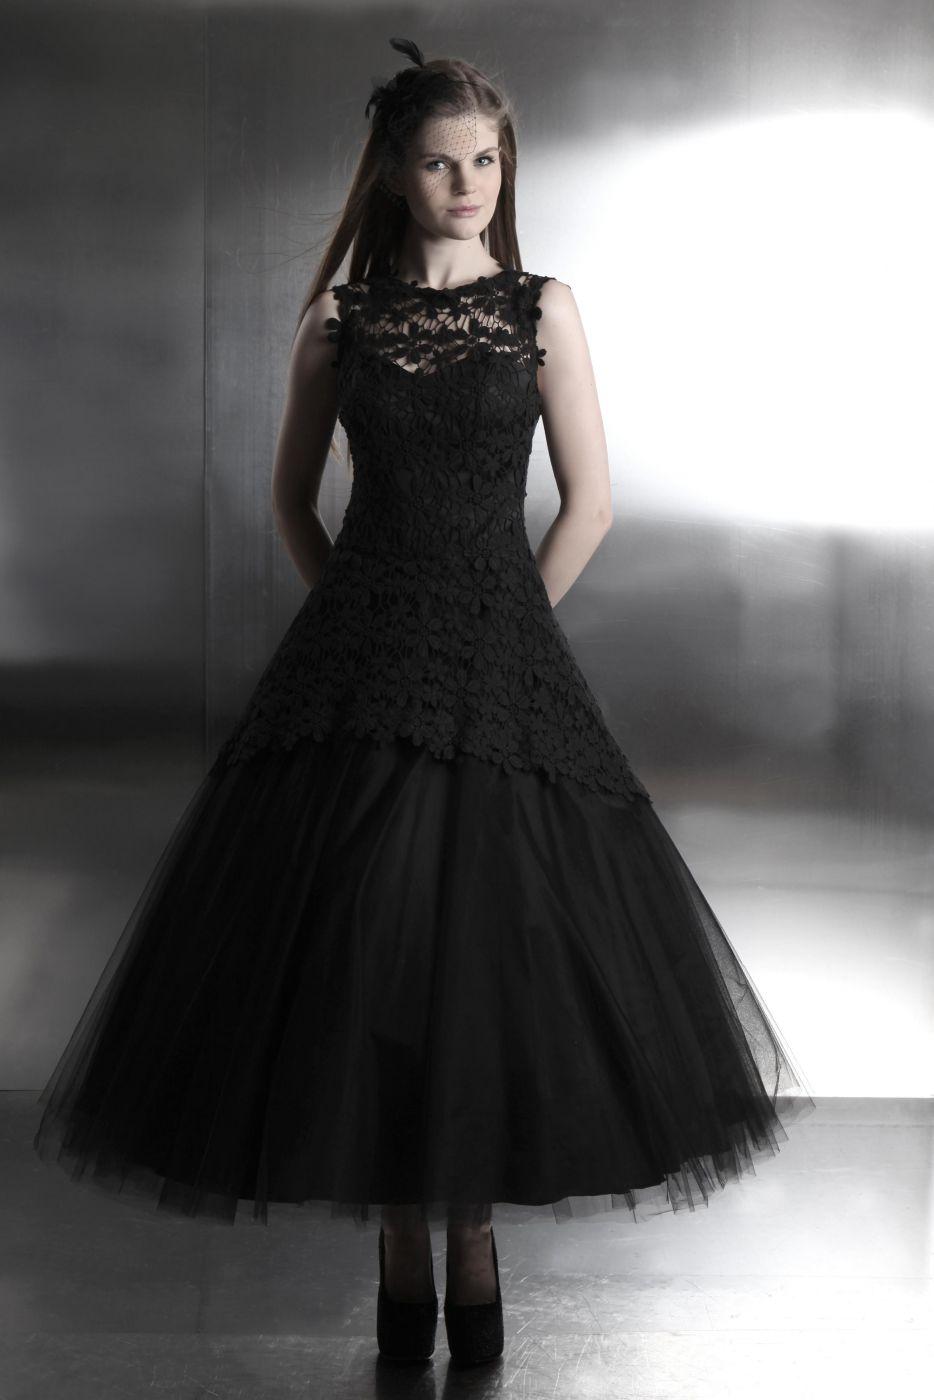 Schwarzes Brautkleid aus Tüll und Spitze im Gothik Stil - Kleiderfreuden